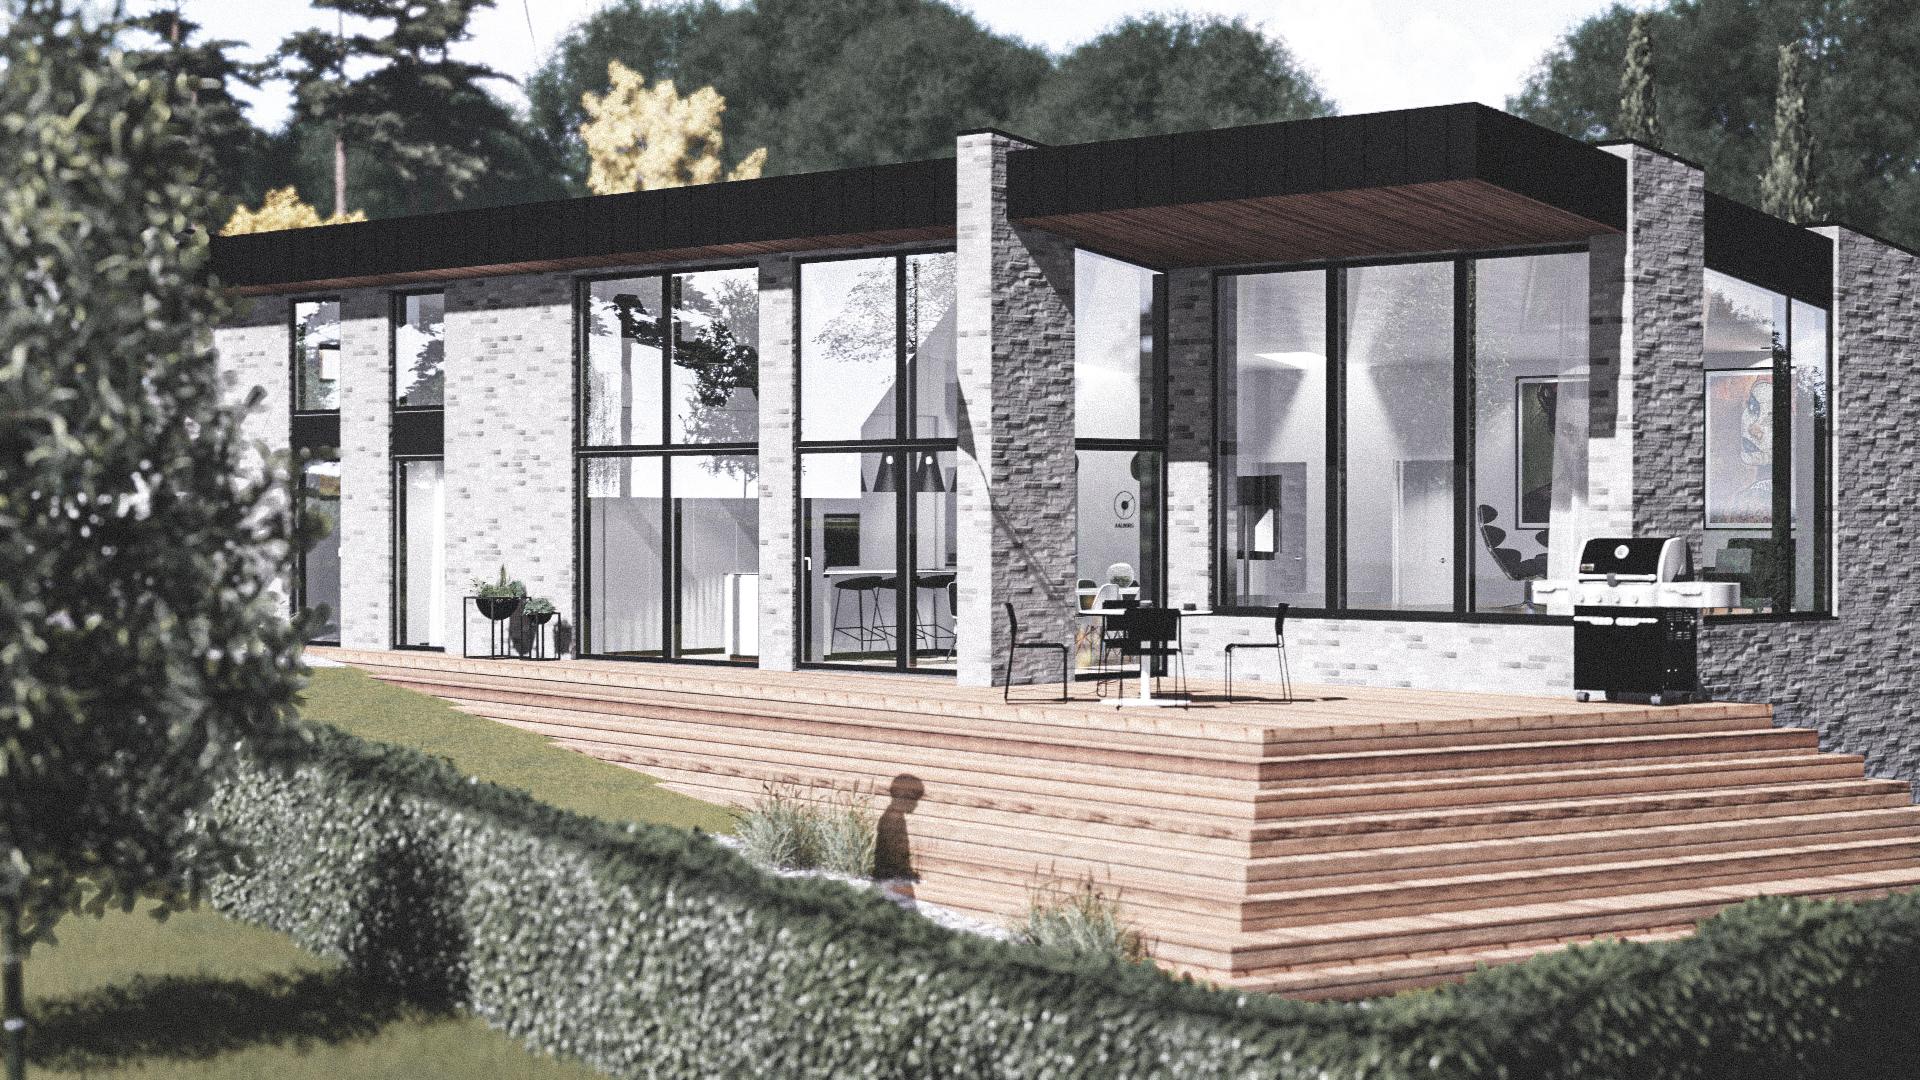 Billede af Dansk arkitekttegnet 1 plan villa af arkitektfirmaet m2plus, i Aalborg på 200 kvartratmeter.